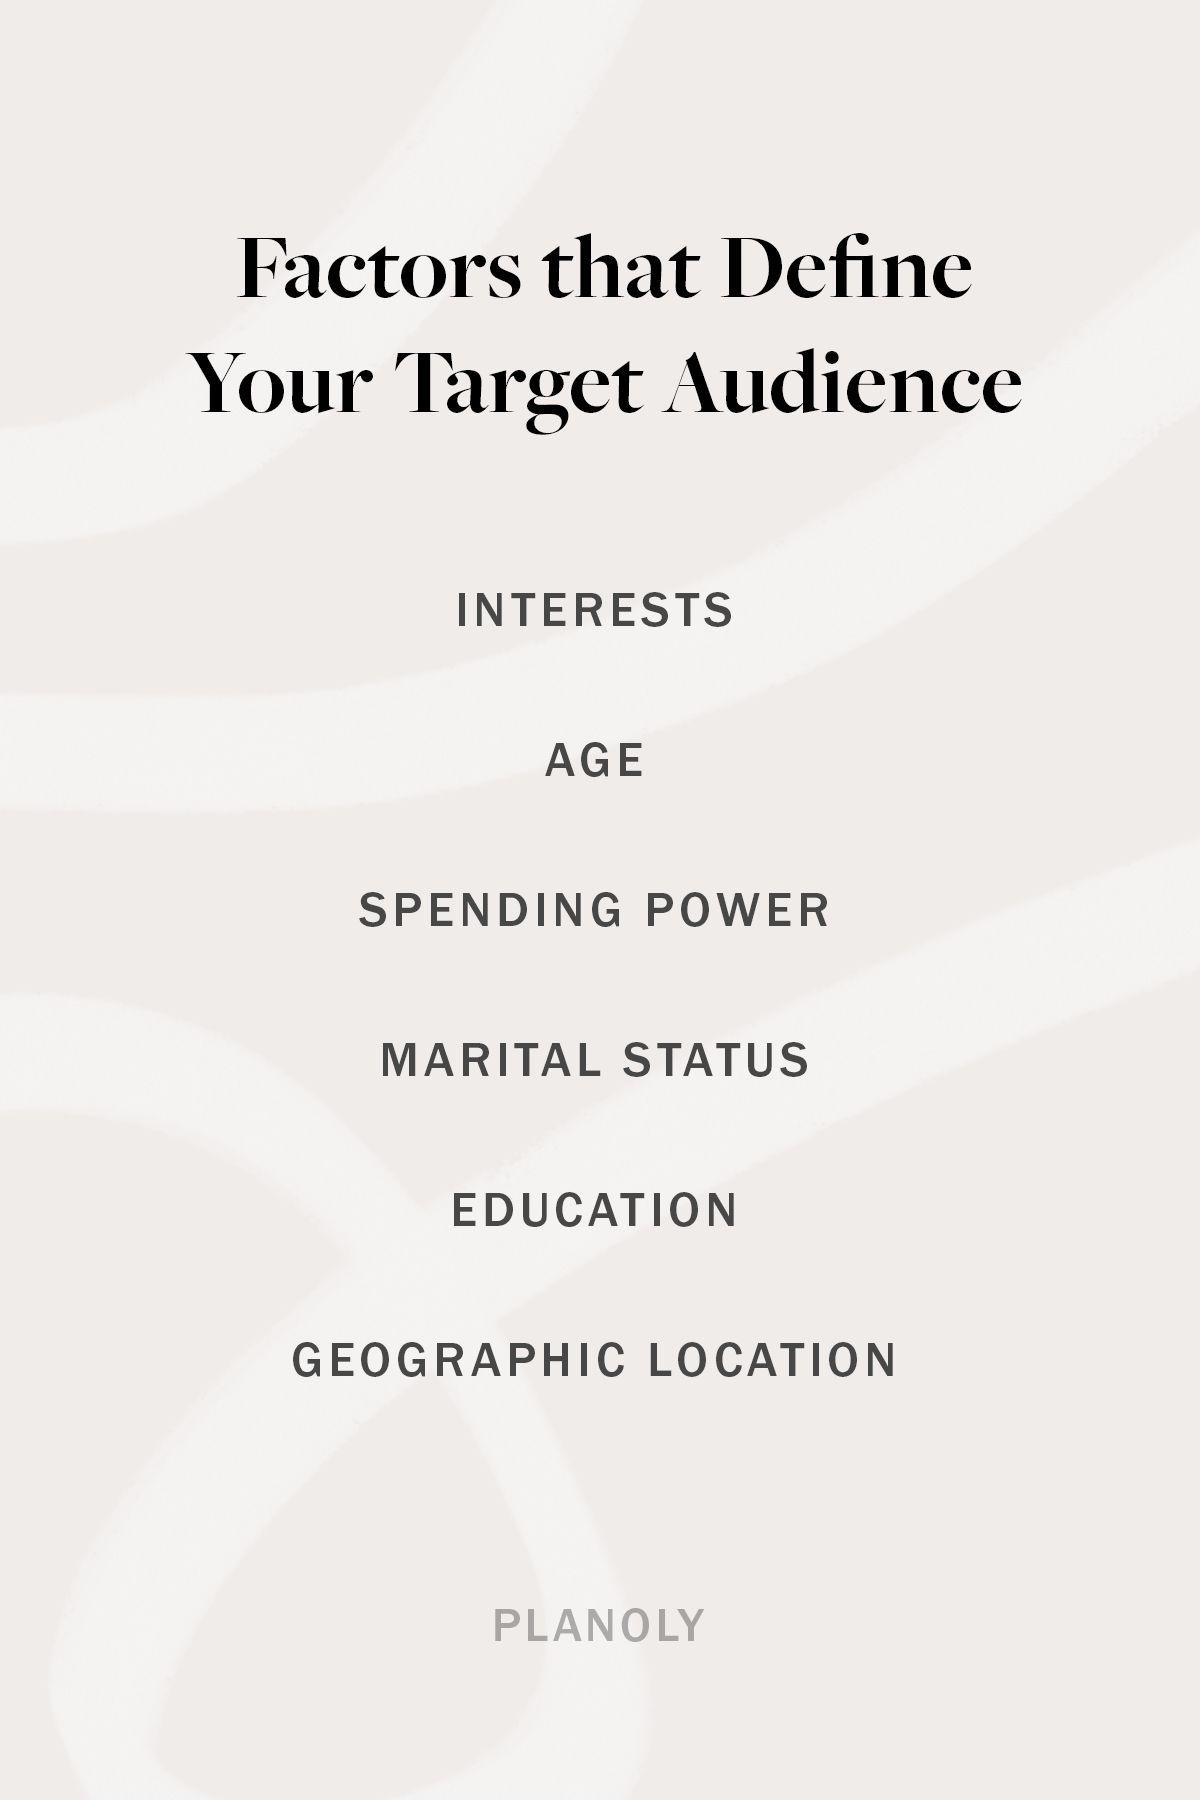 PLANOLY-Blog Post-Social Media Target Market-Image 2